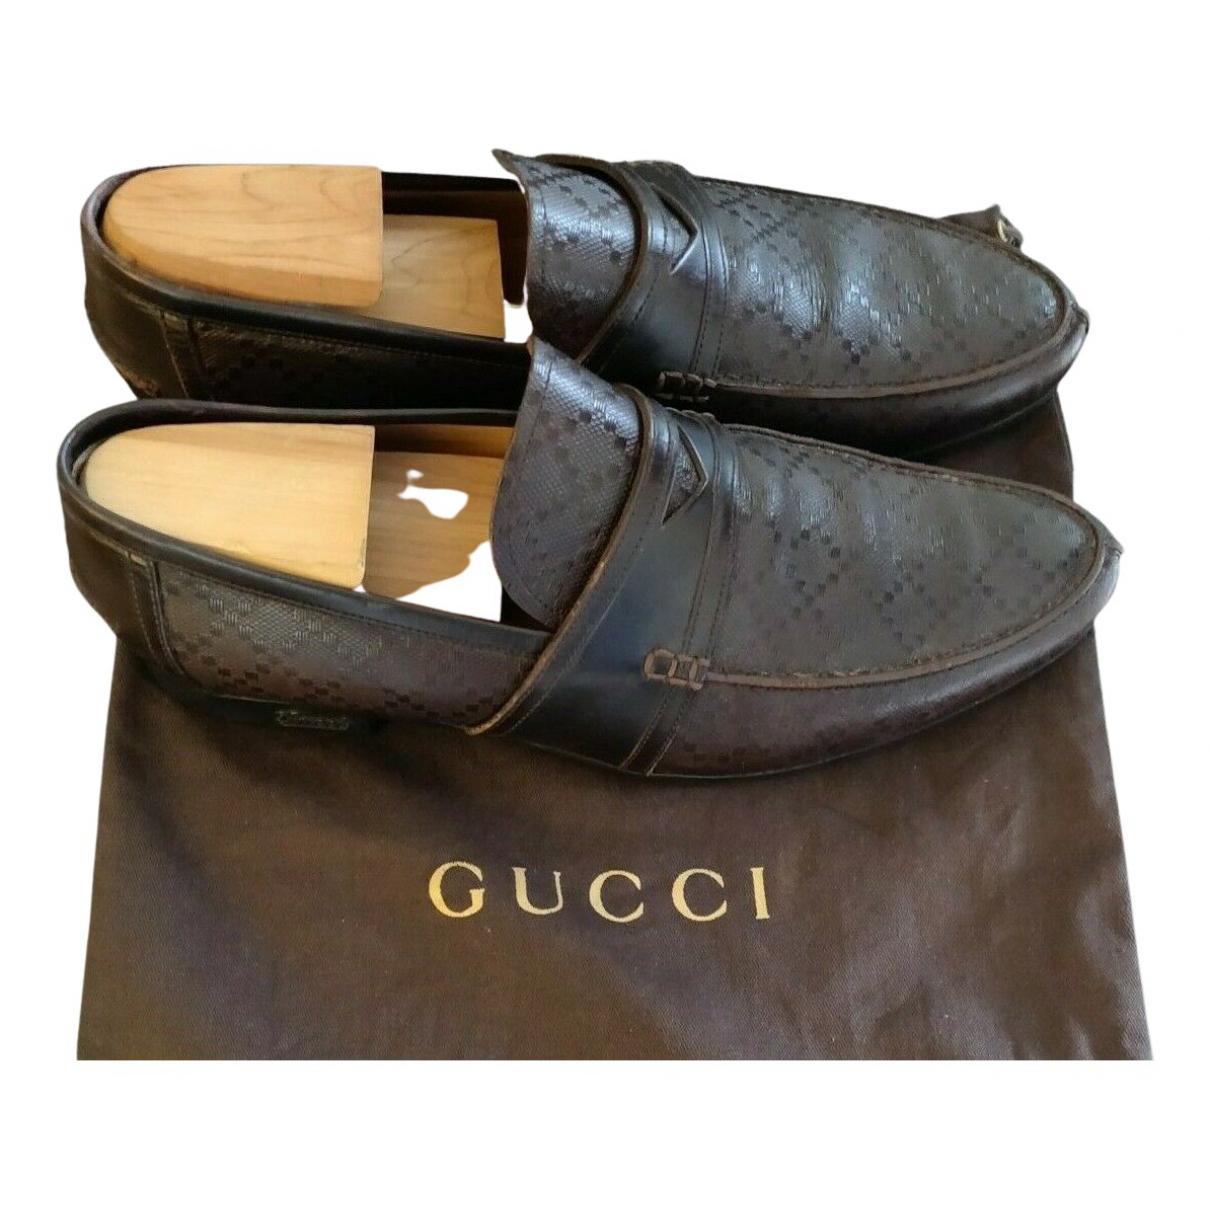 Gucci - Mocassins   pour homme en cuir - marron